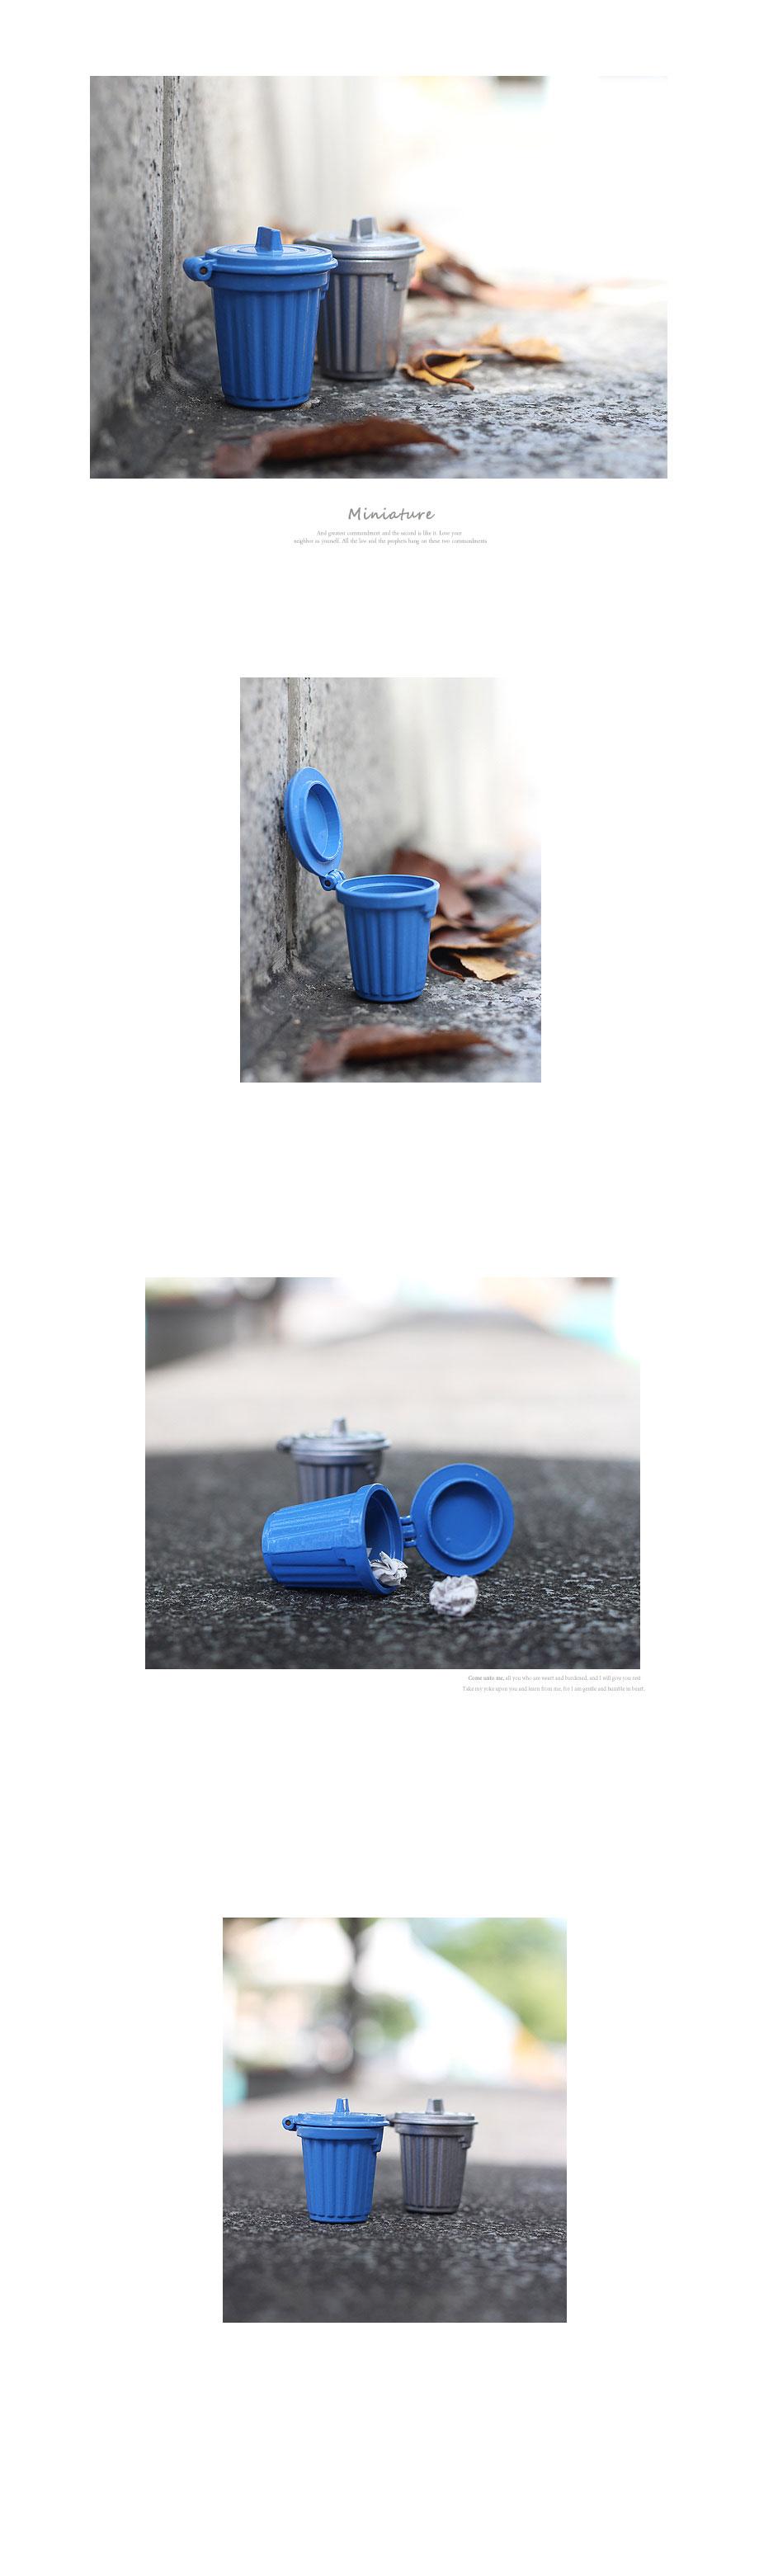 미니어처 쓰레기통 (2color) - 안나하우스, 4,000원, 미니어처, 사물